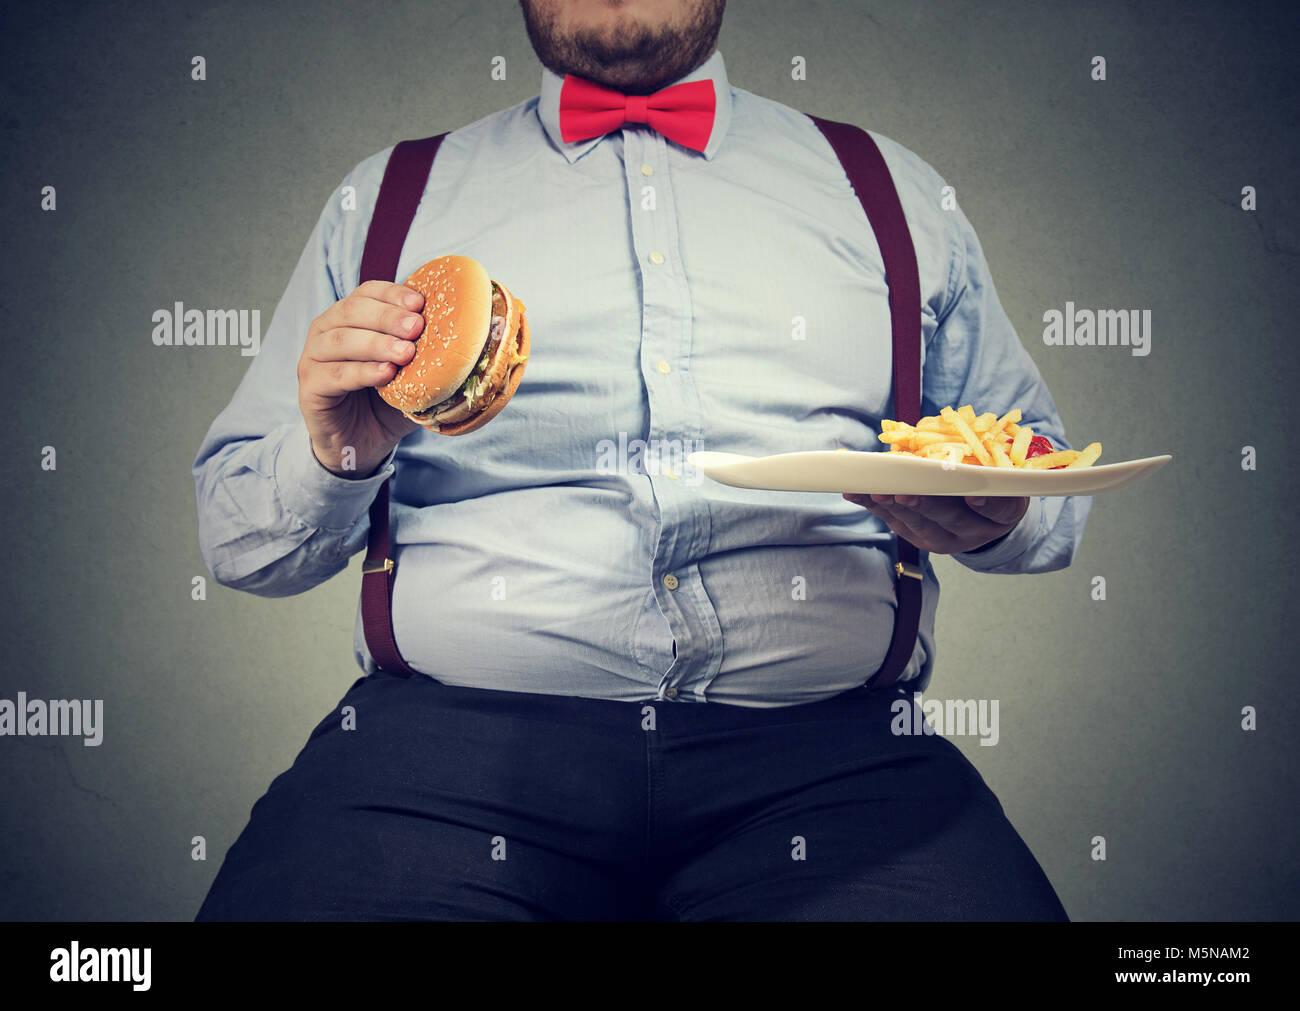 Disparo de cultivos de gran hombre en ropa formal sentados y consumiendo placa con fast food en gris. Imagen De Stock